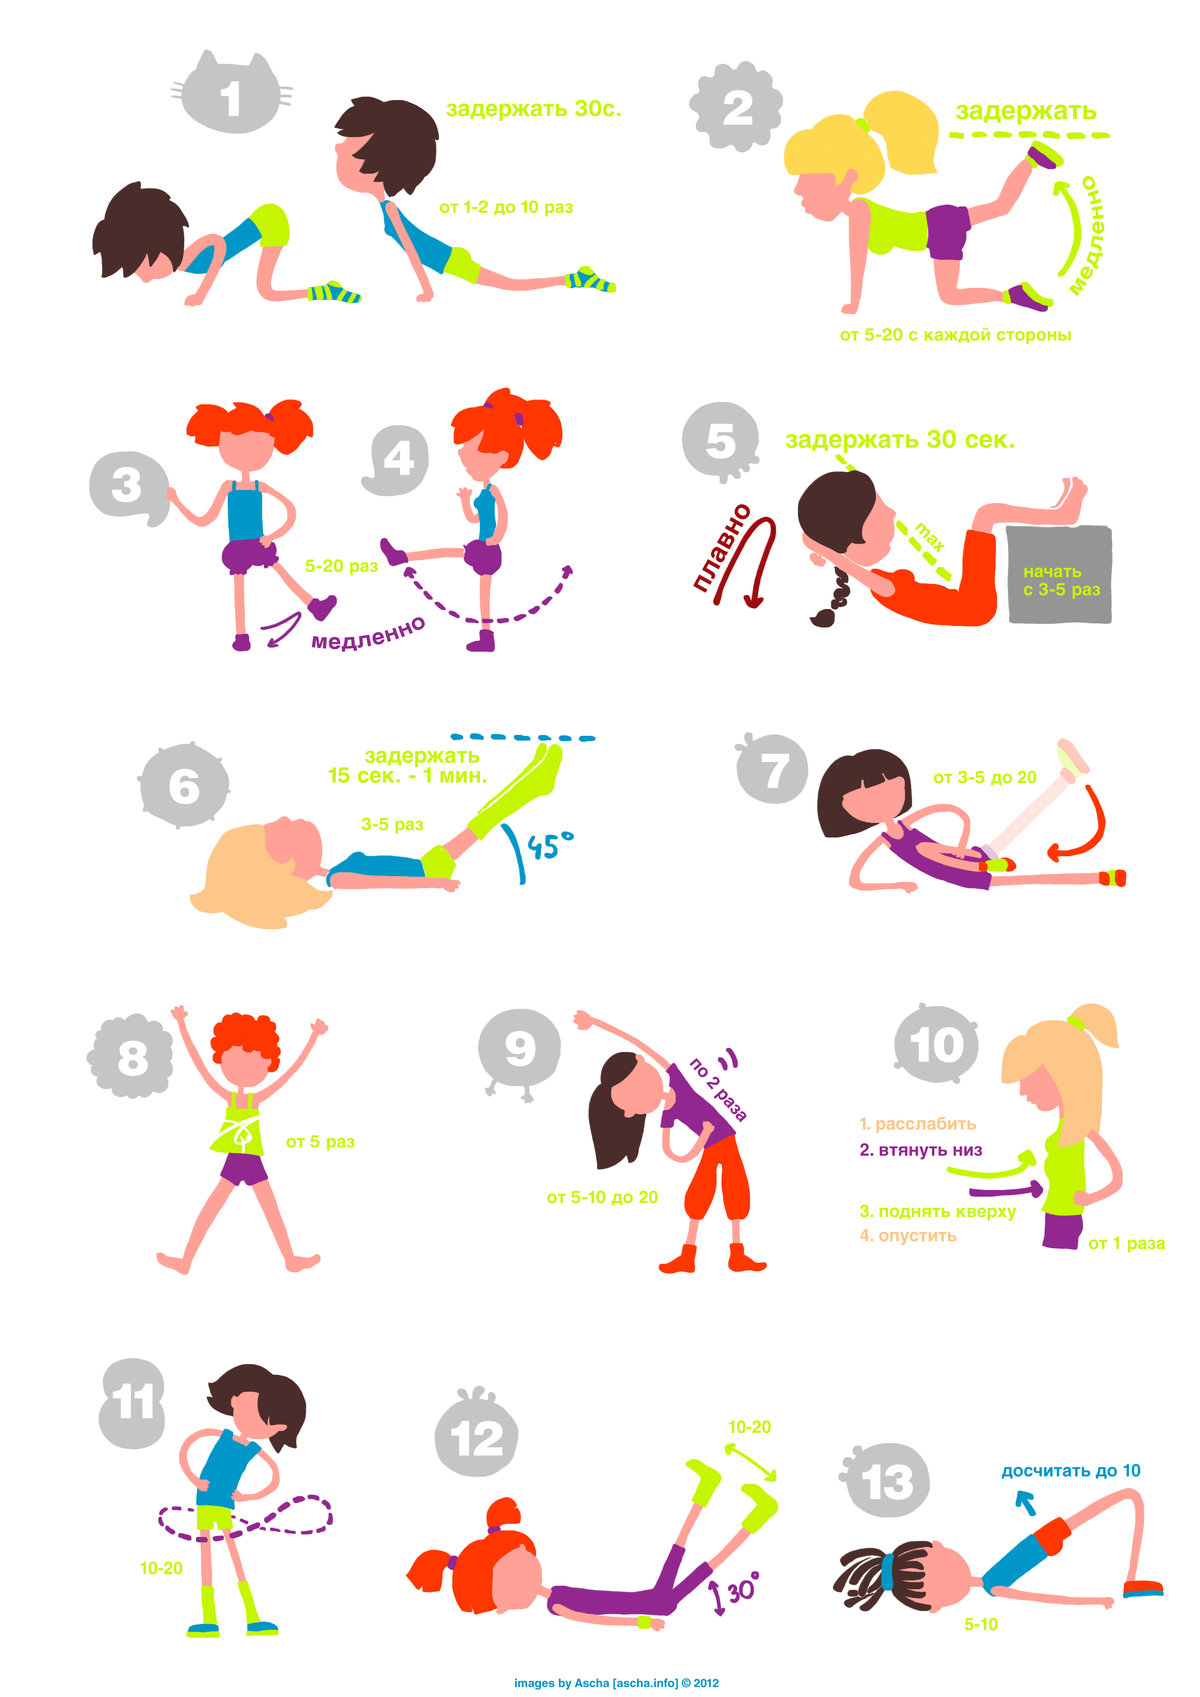 Тренировки Дома Для Похудения Подростков. Программа тренировок подросткам для дома №1